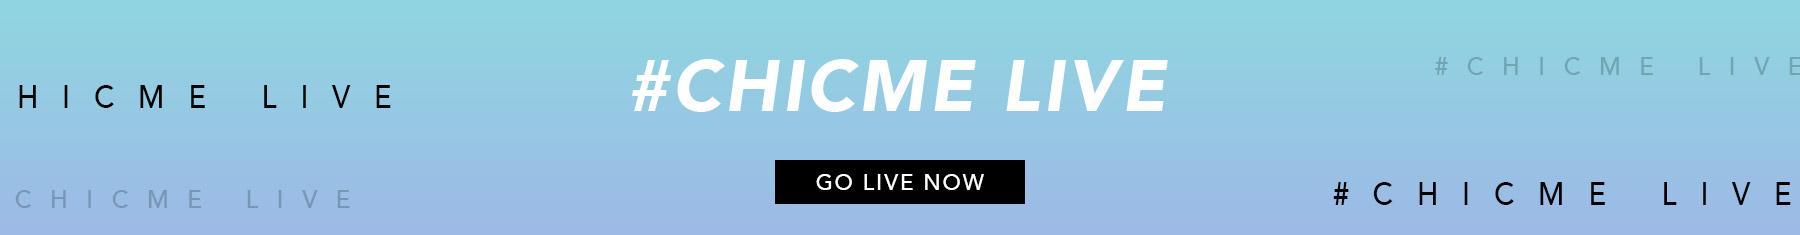 go live now